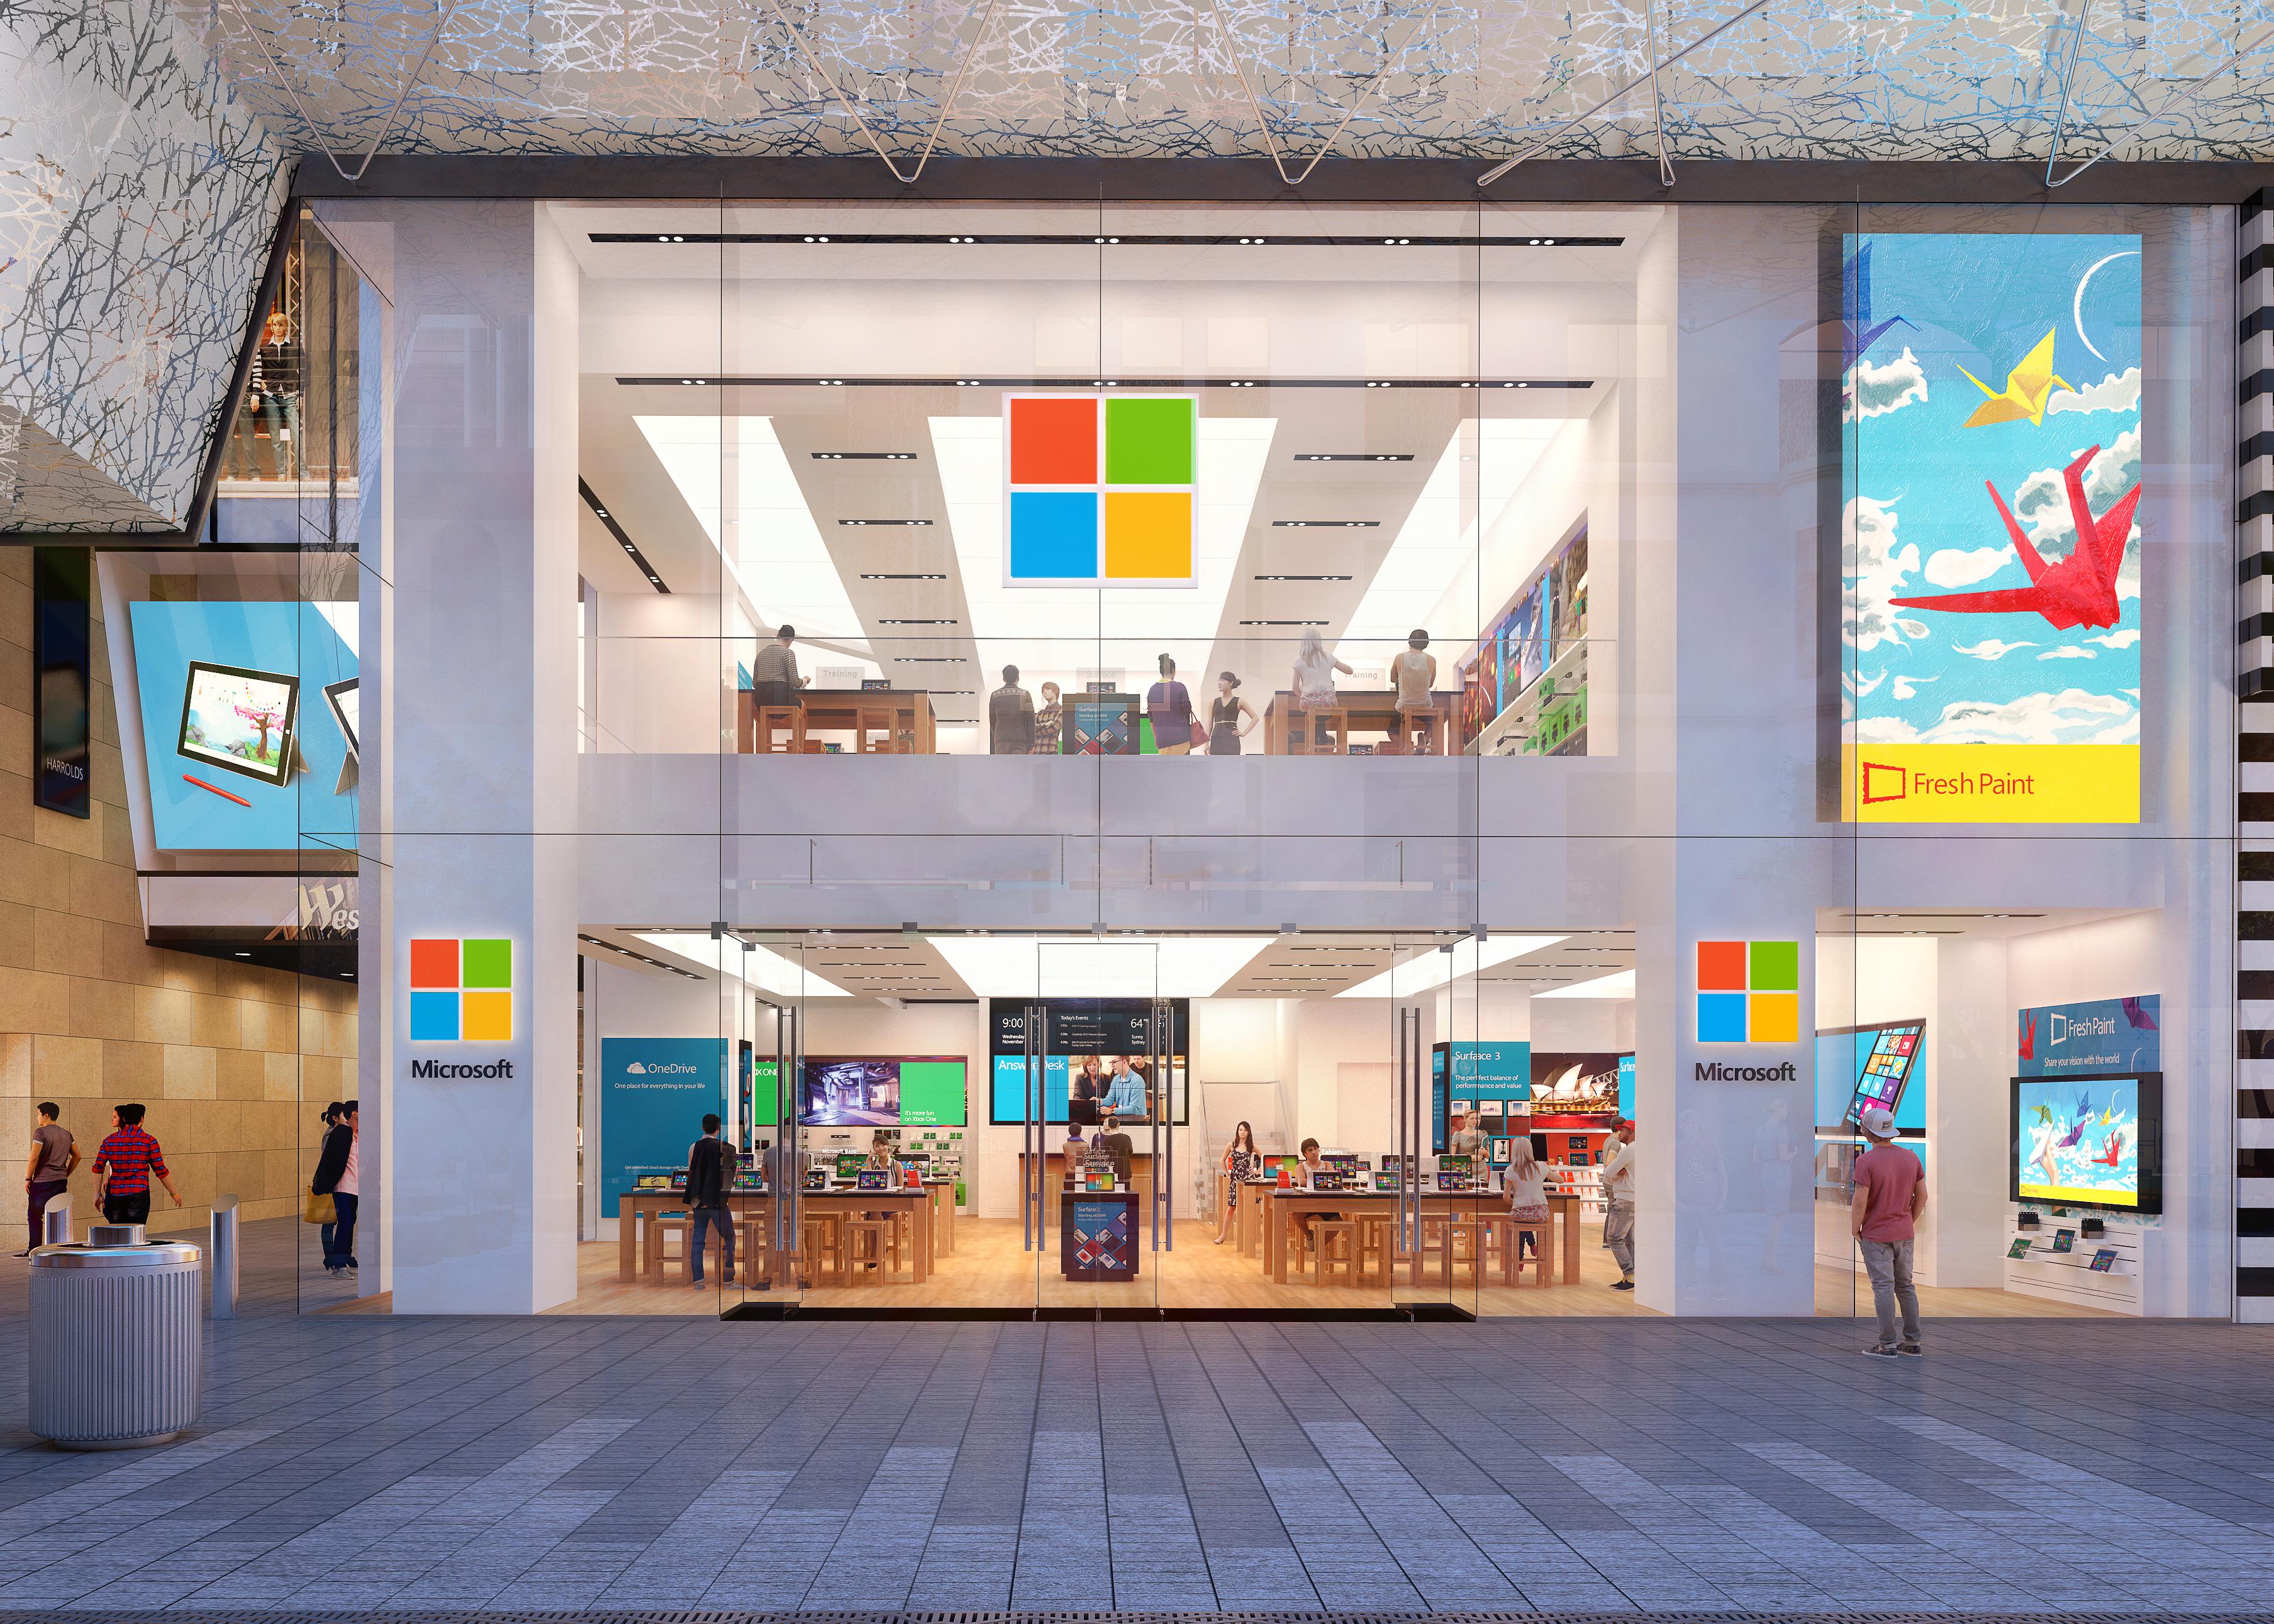 A Microsoft retail store.